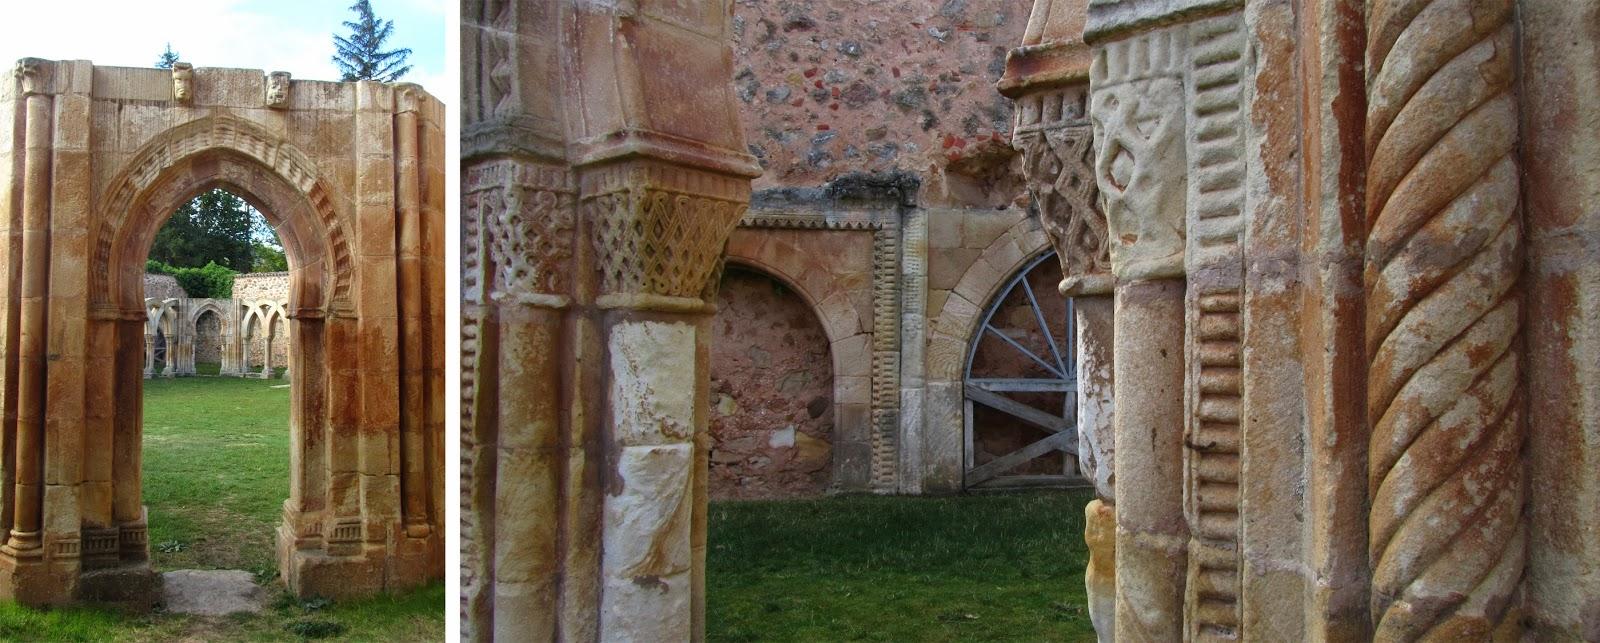 Detalles de los Arcos de San Juan